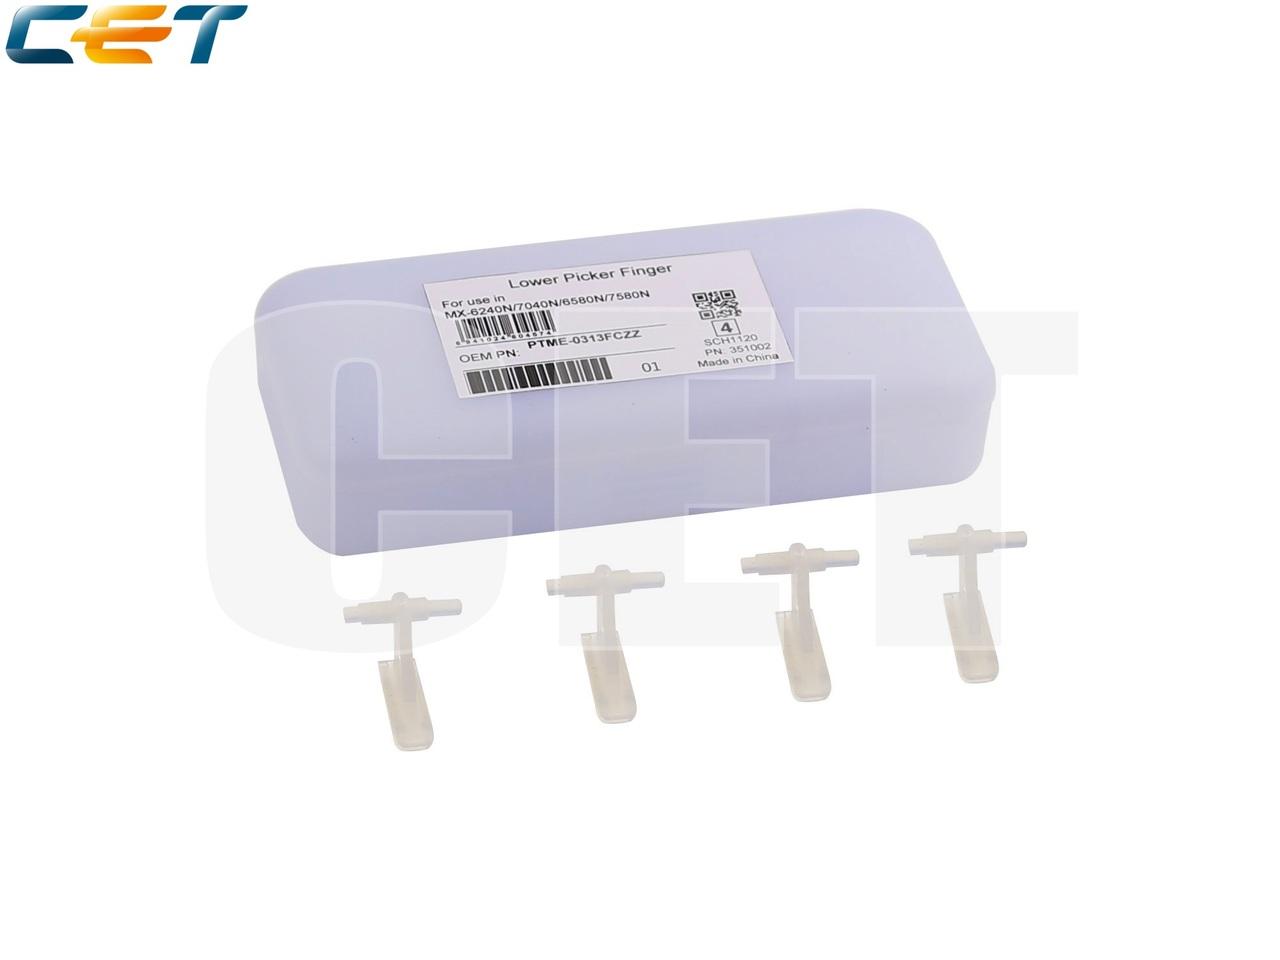 Сепаратор резинового вала PTME-0313FCZZ для SHARPMX-6240N/7040N/6580N/7580N (CET), CET351002